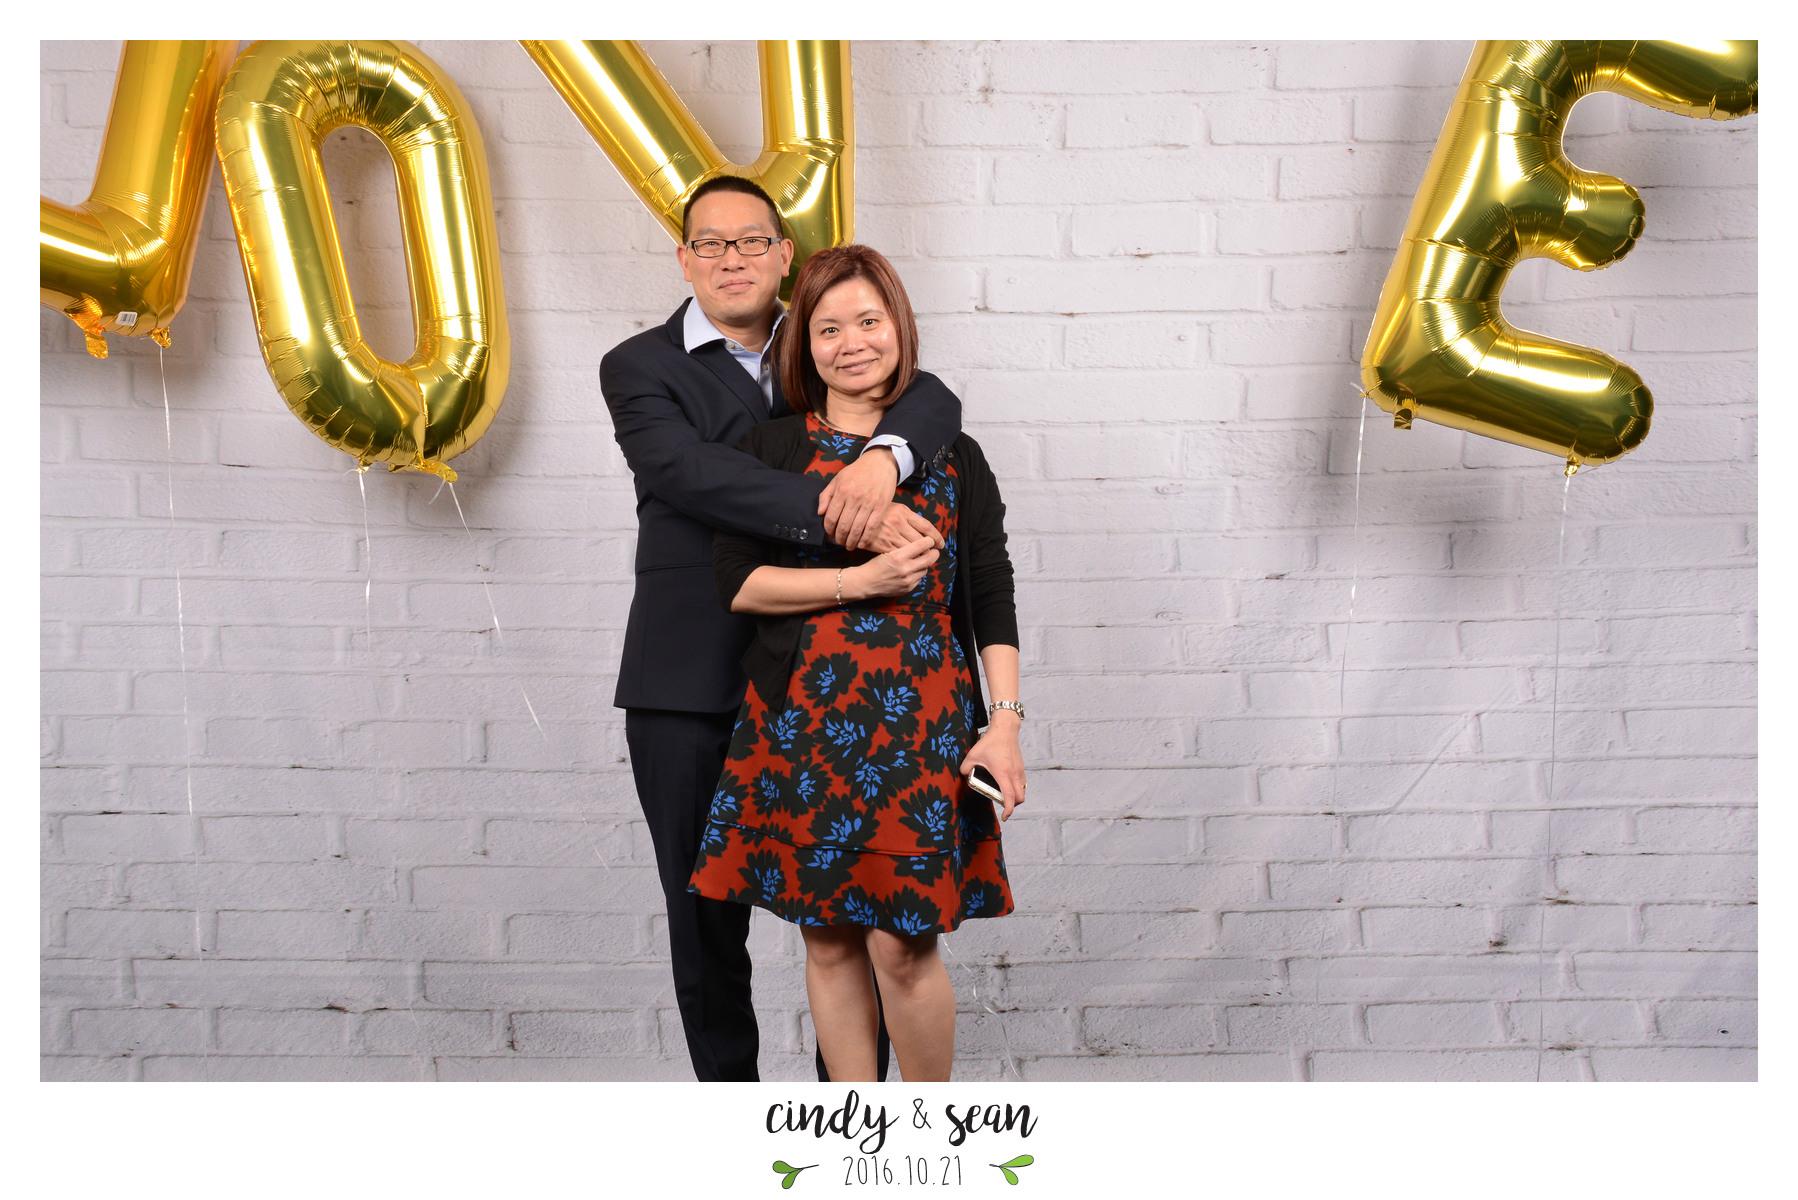 Cindy Sean Bae - 0001-157.jpg